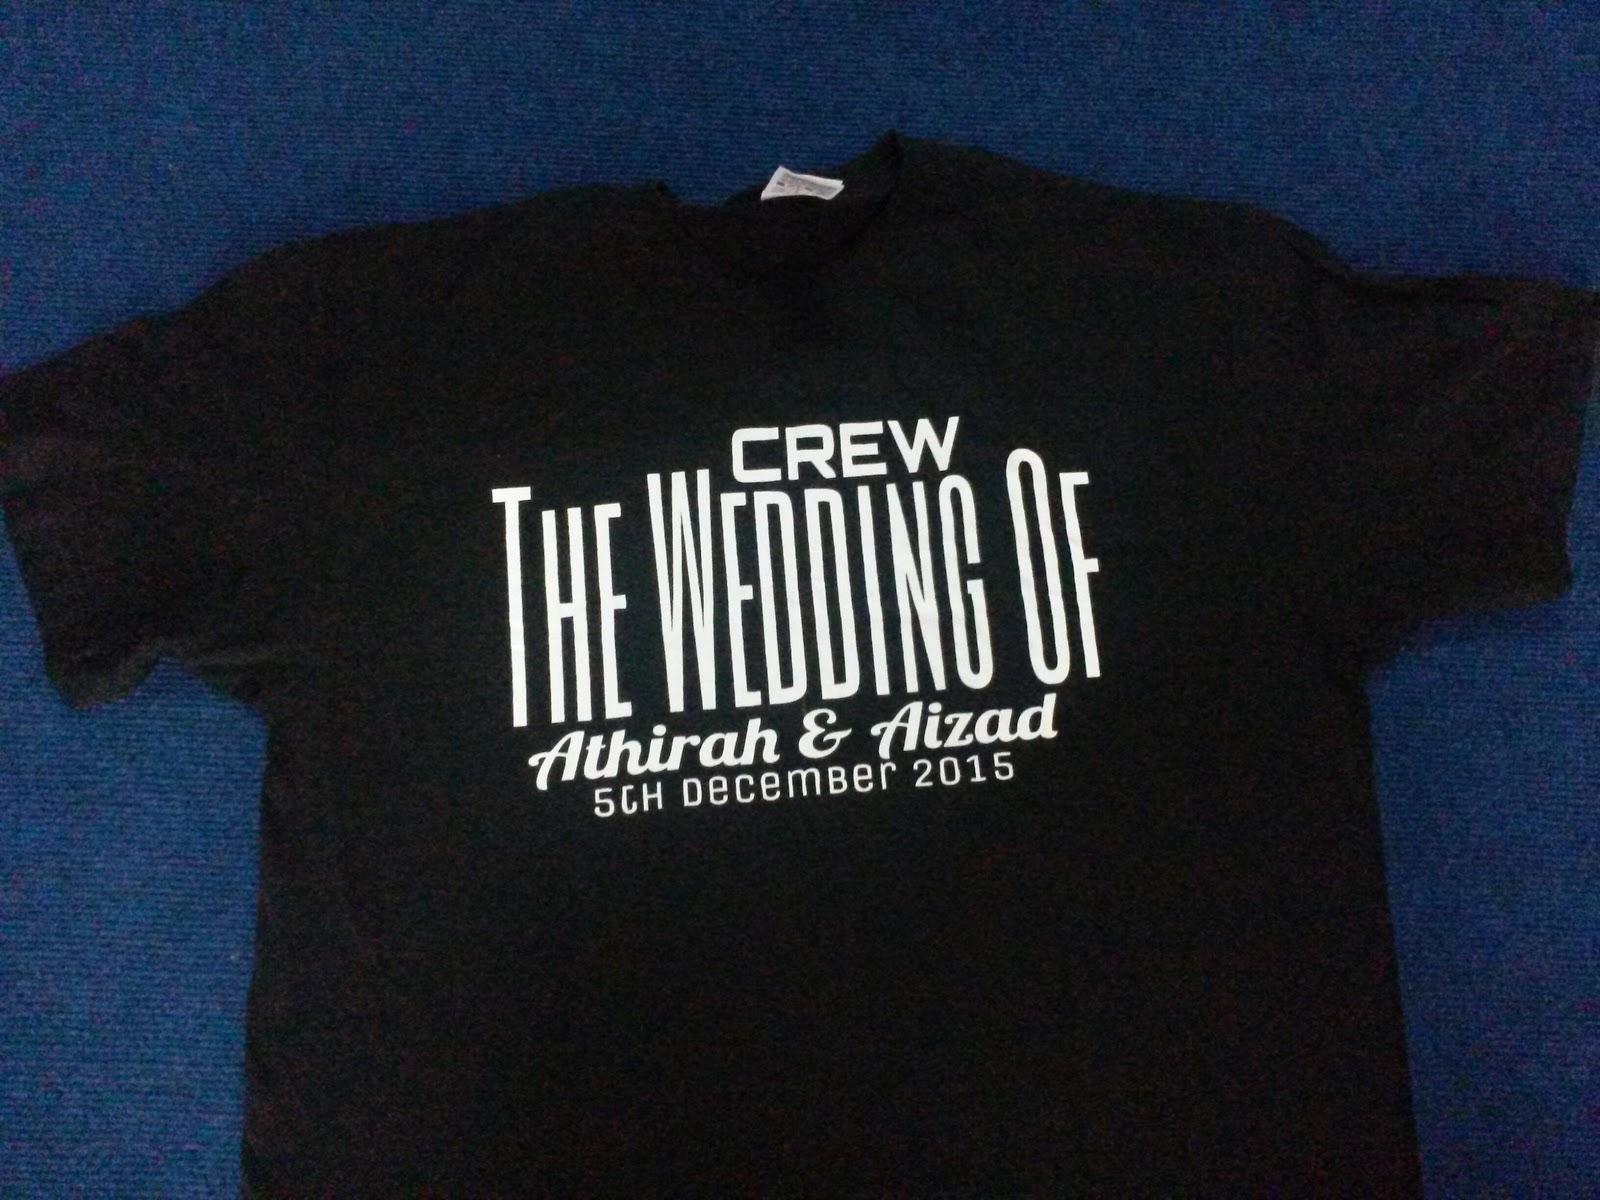 Design t shirt murah - Nak Tempah Tshirt Design Sendiri Hubungi Kami 0132850982 Call Whatsapp Penghantaran Disediakan Ke Seluruh Malaysia Dengan Harga Yang Murah Dan Kualiti